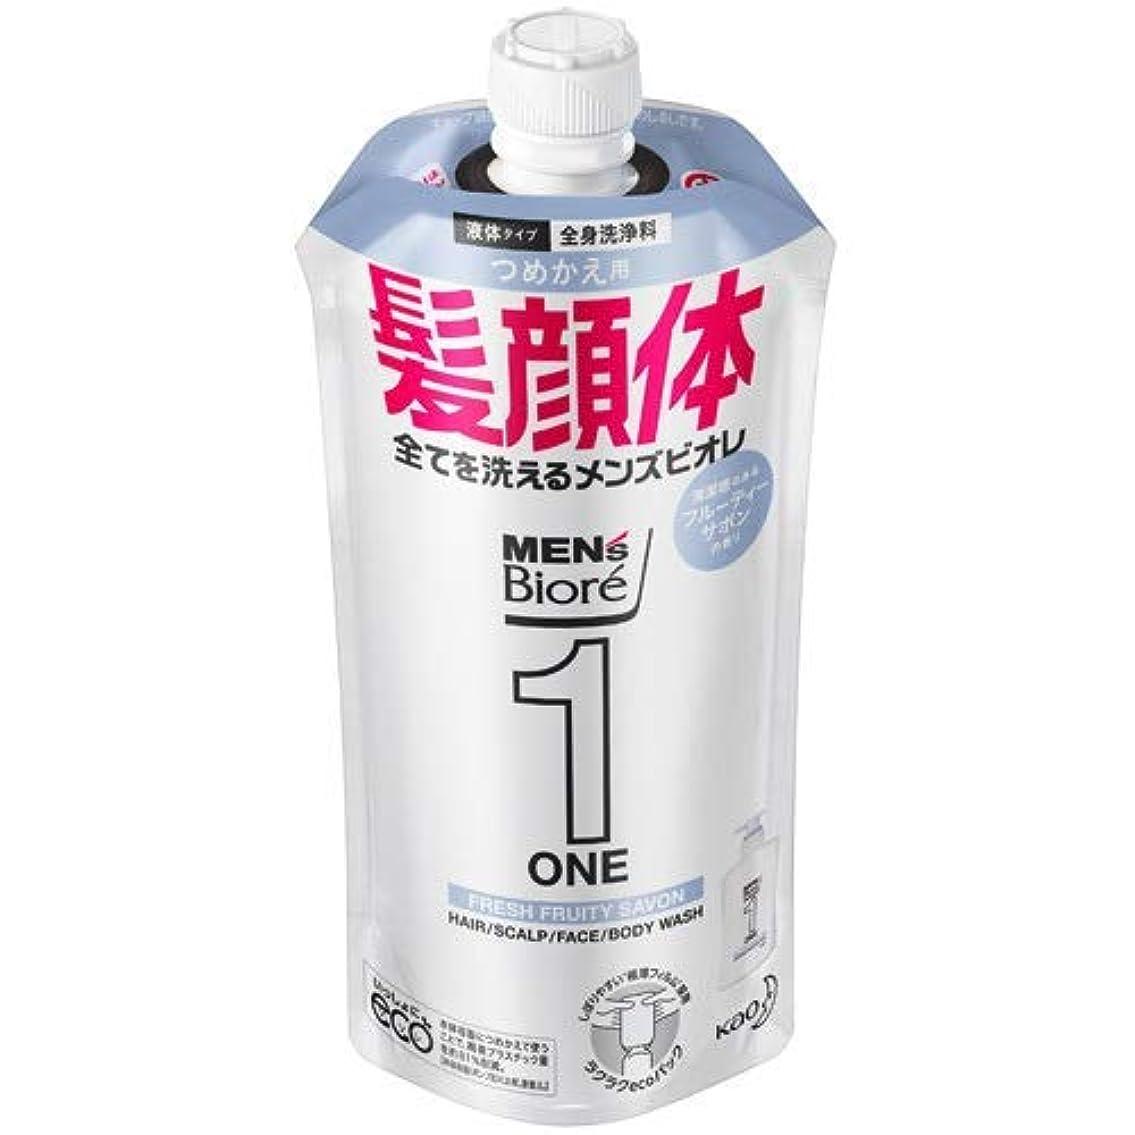 地域の秘密の未知の【10個セット】メンズビオレONE オールインワン全身洗浄料 清潔感のあるフルーティーサボンの香り つめかえ用 340mL